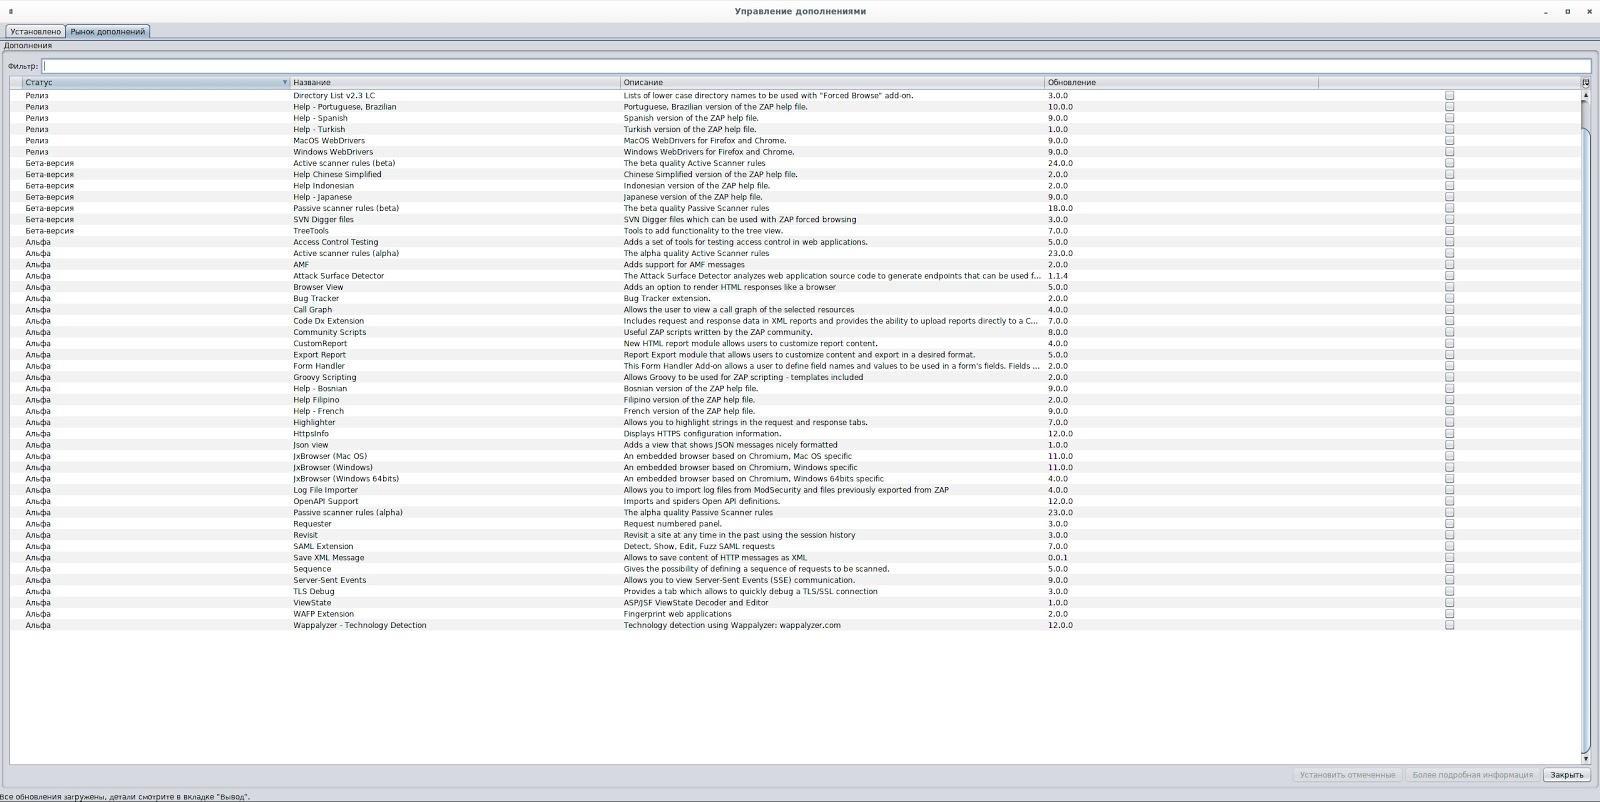 Чем искать уязвимости веб-приложений: сравниваем восемь популярных сканеров - 3